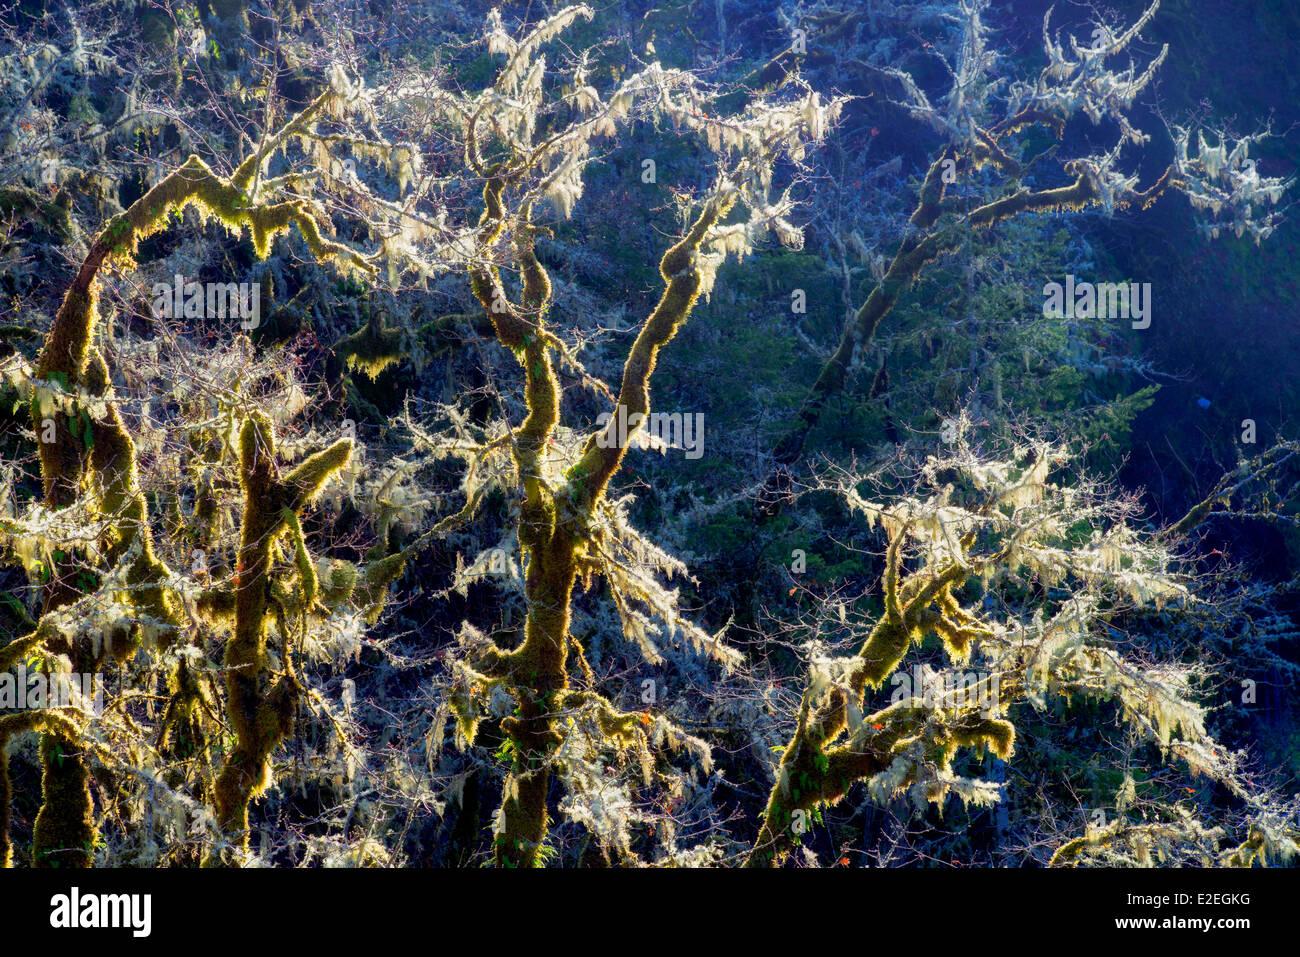 Moss retroilluminata su alberi di quercia. Eagle creek, Oregon Immagini Stock